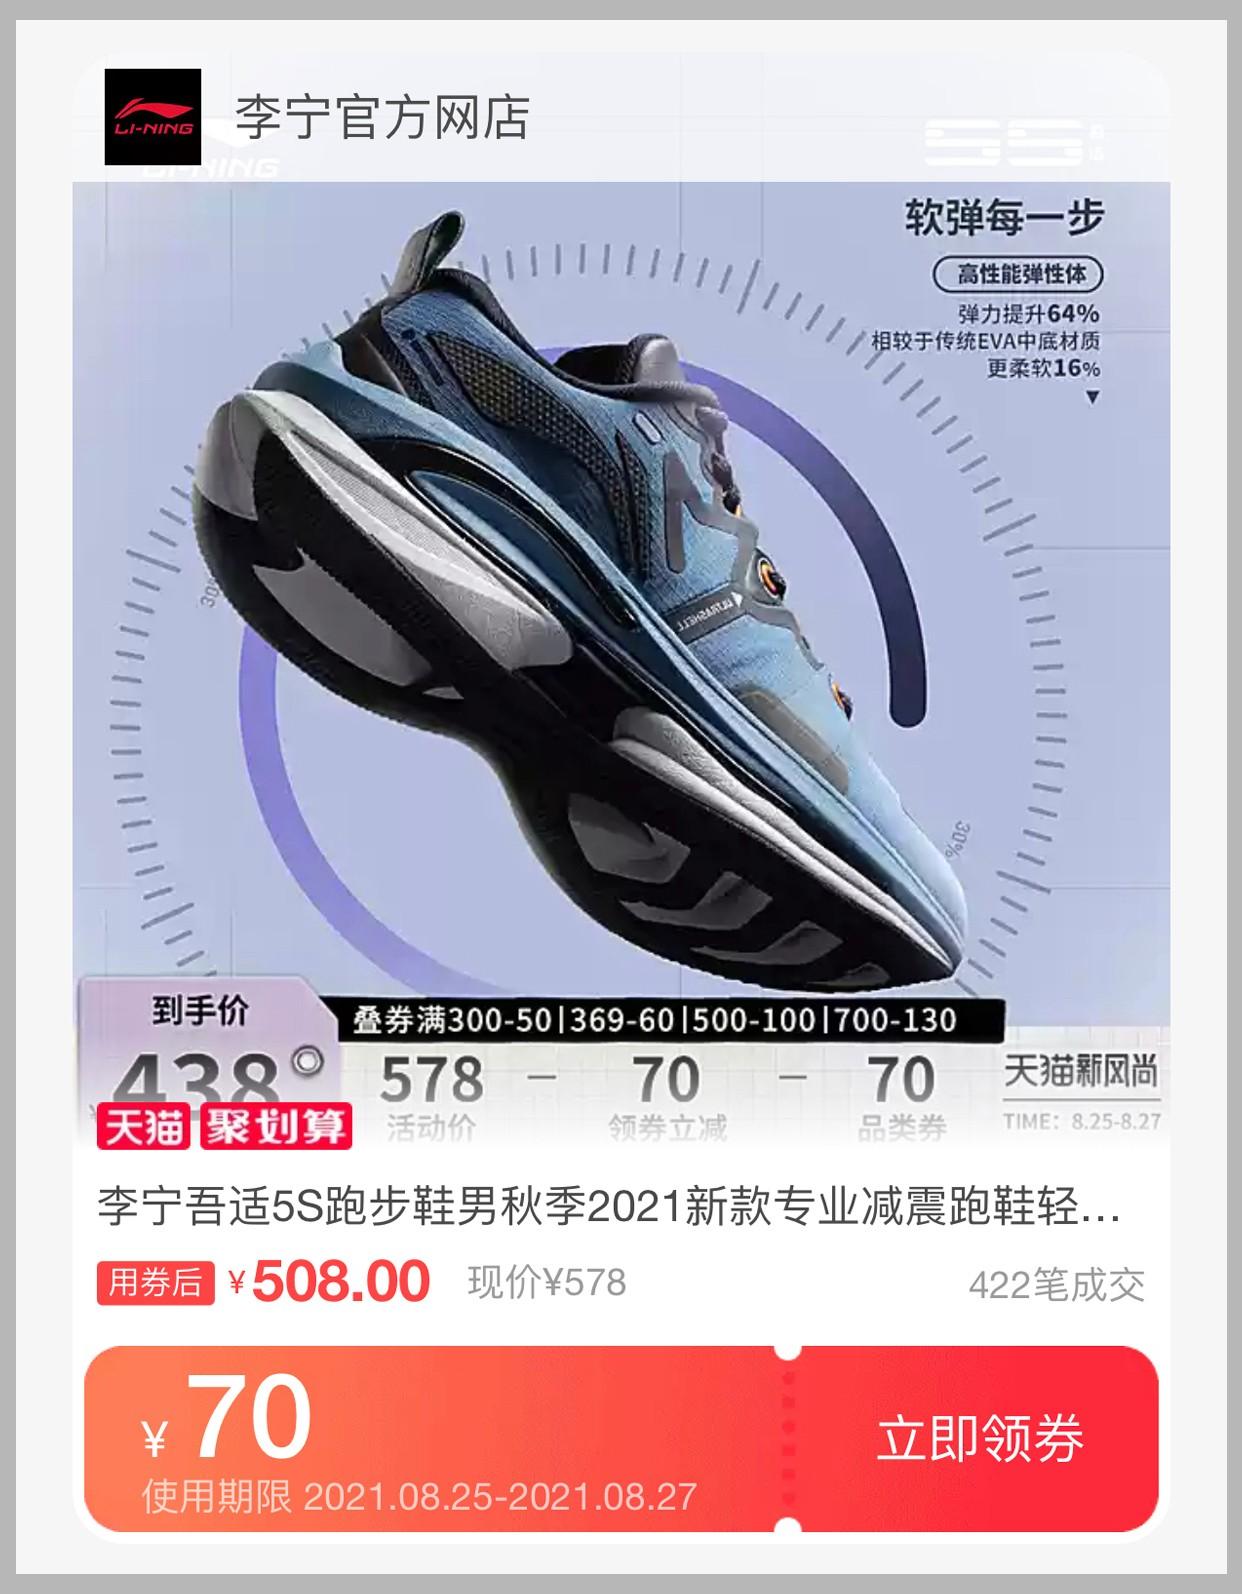 李宁,吾适5S  双层缓震 + 双稳定片!¥4xx 的「李宁新鞋」刚刚上架!